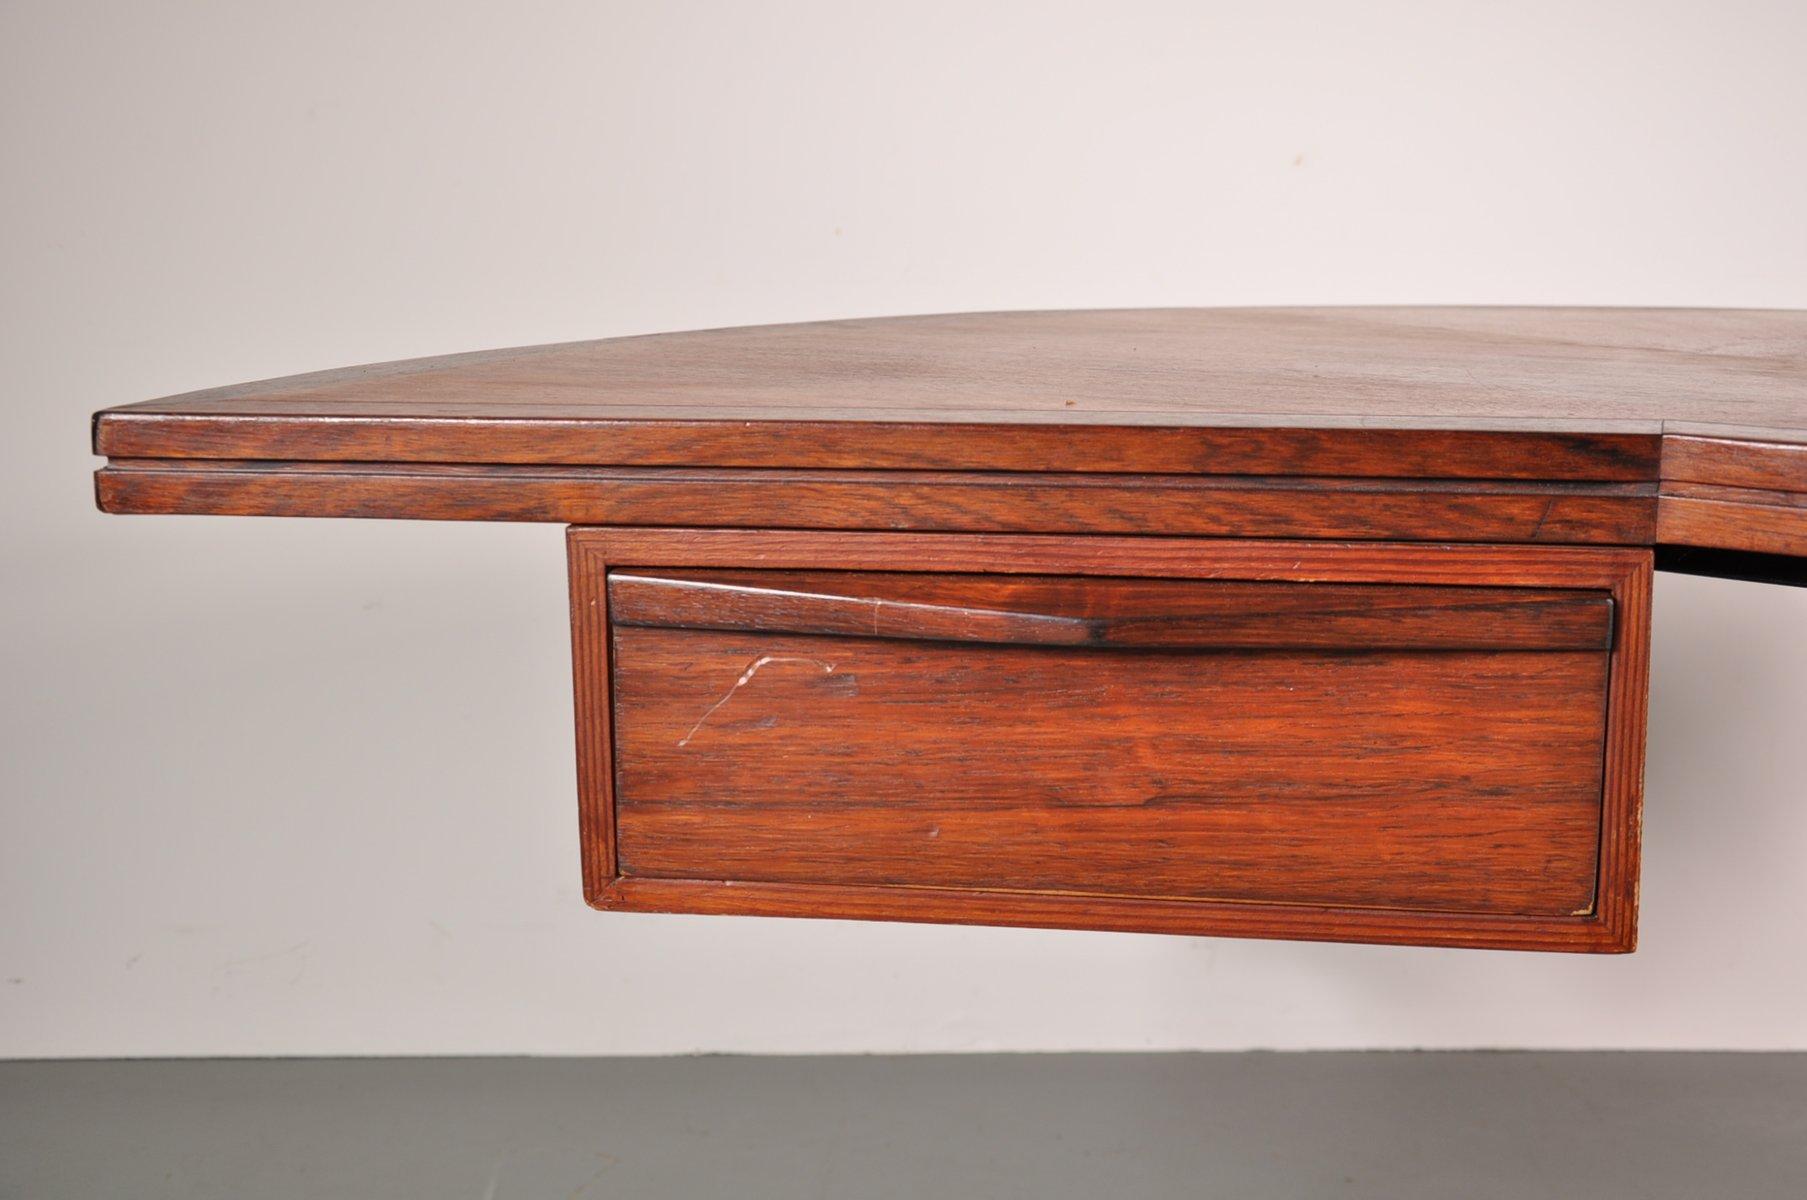 niederl ndischer geschwungener palisander schreibtisch. Black Bedroom Furniture Sets. Home Design Ideas